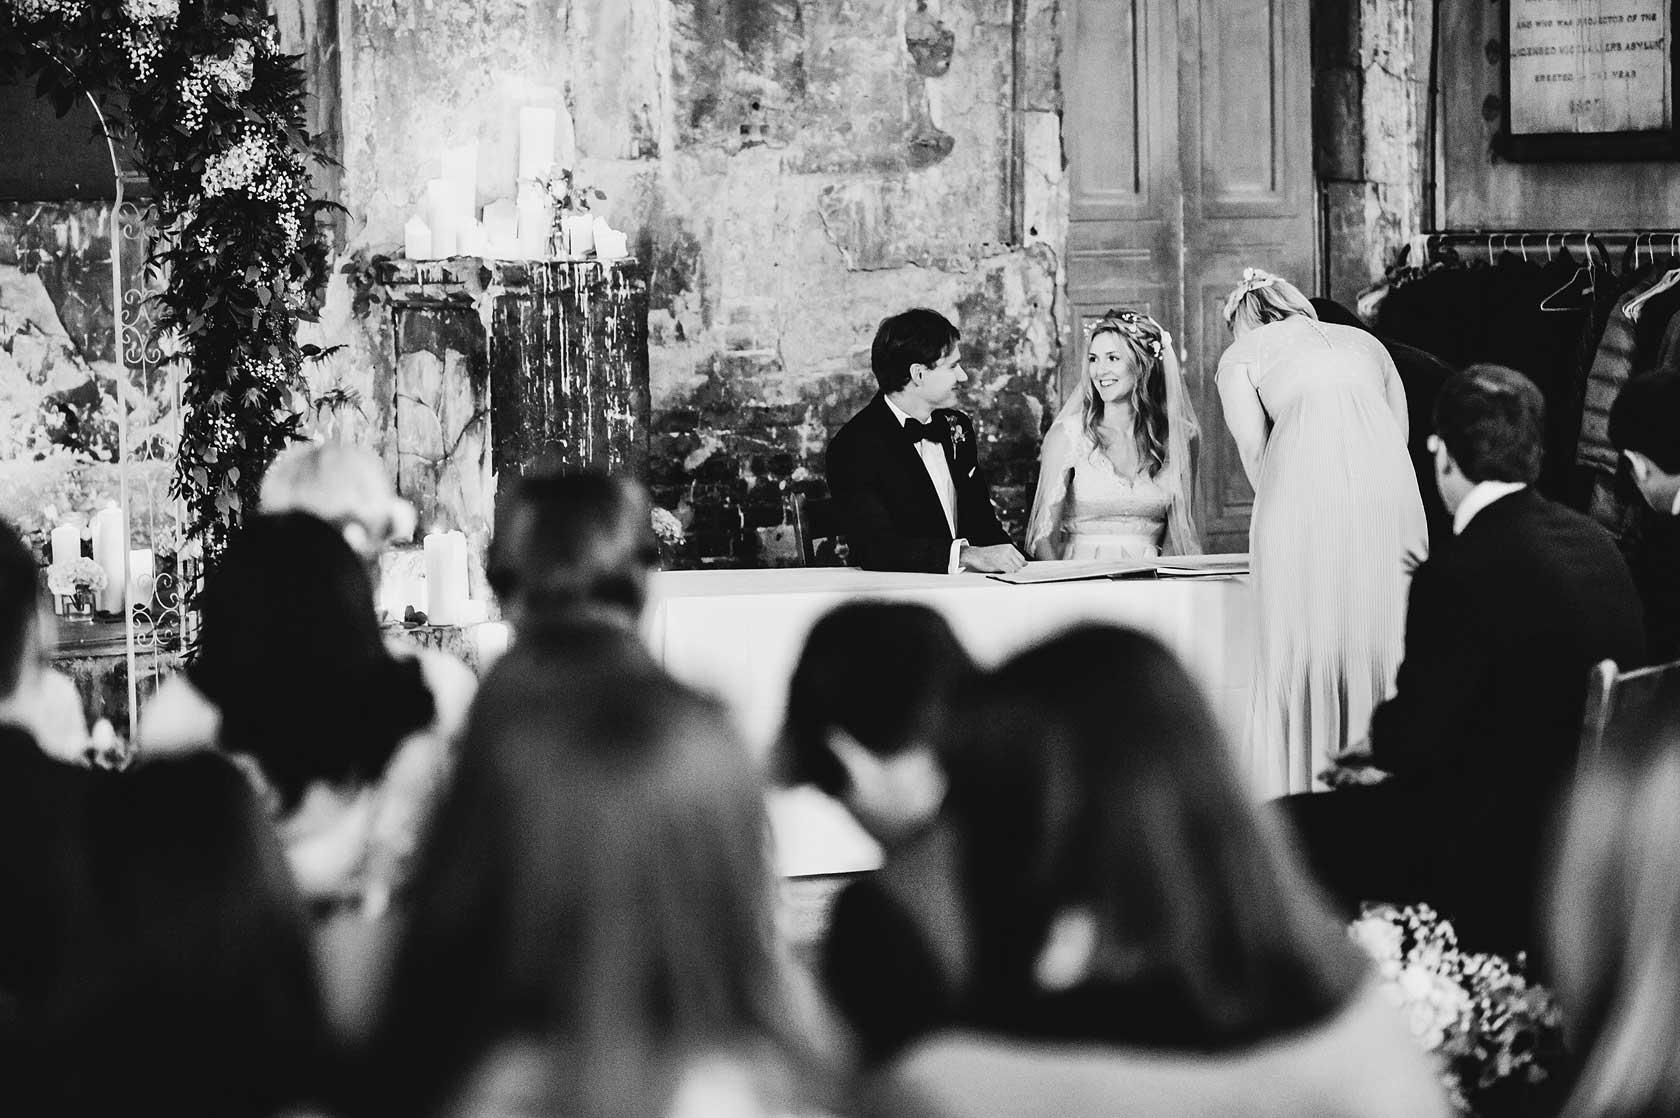 Asylum Winter Wedding in London